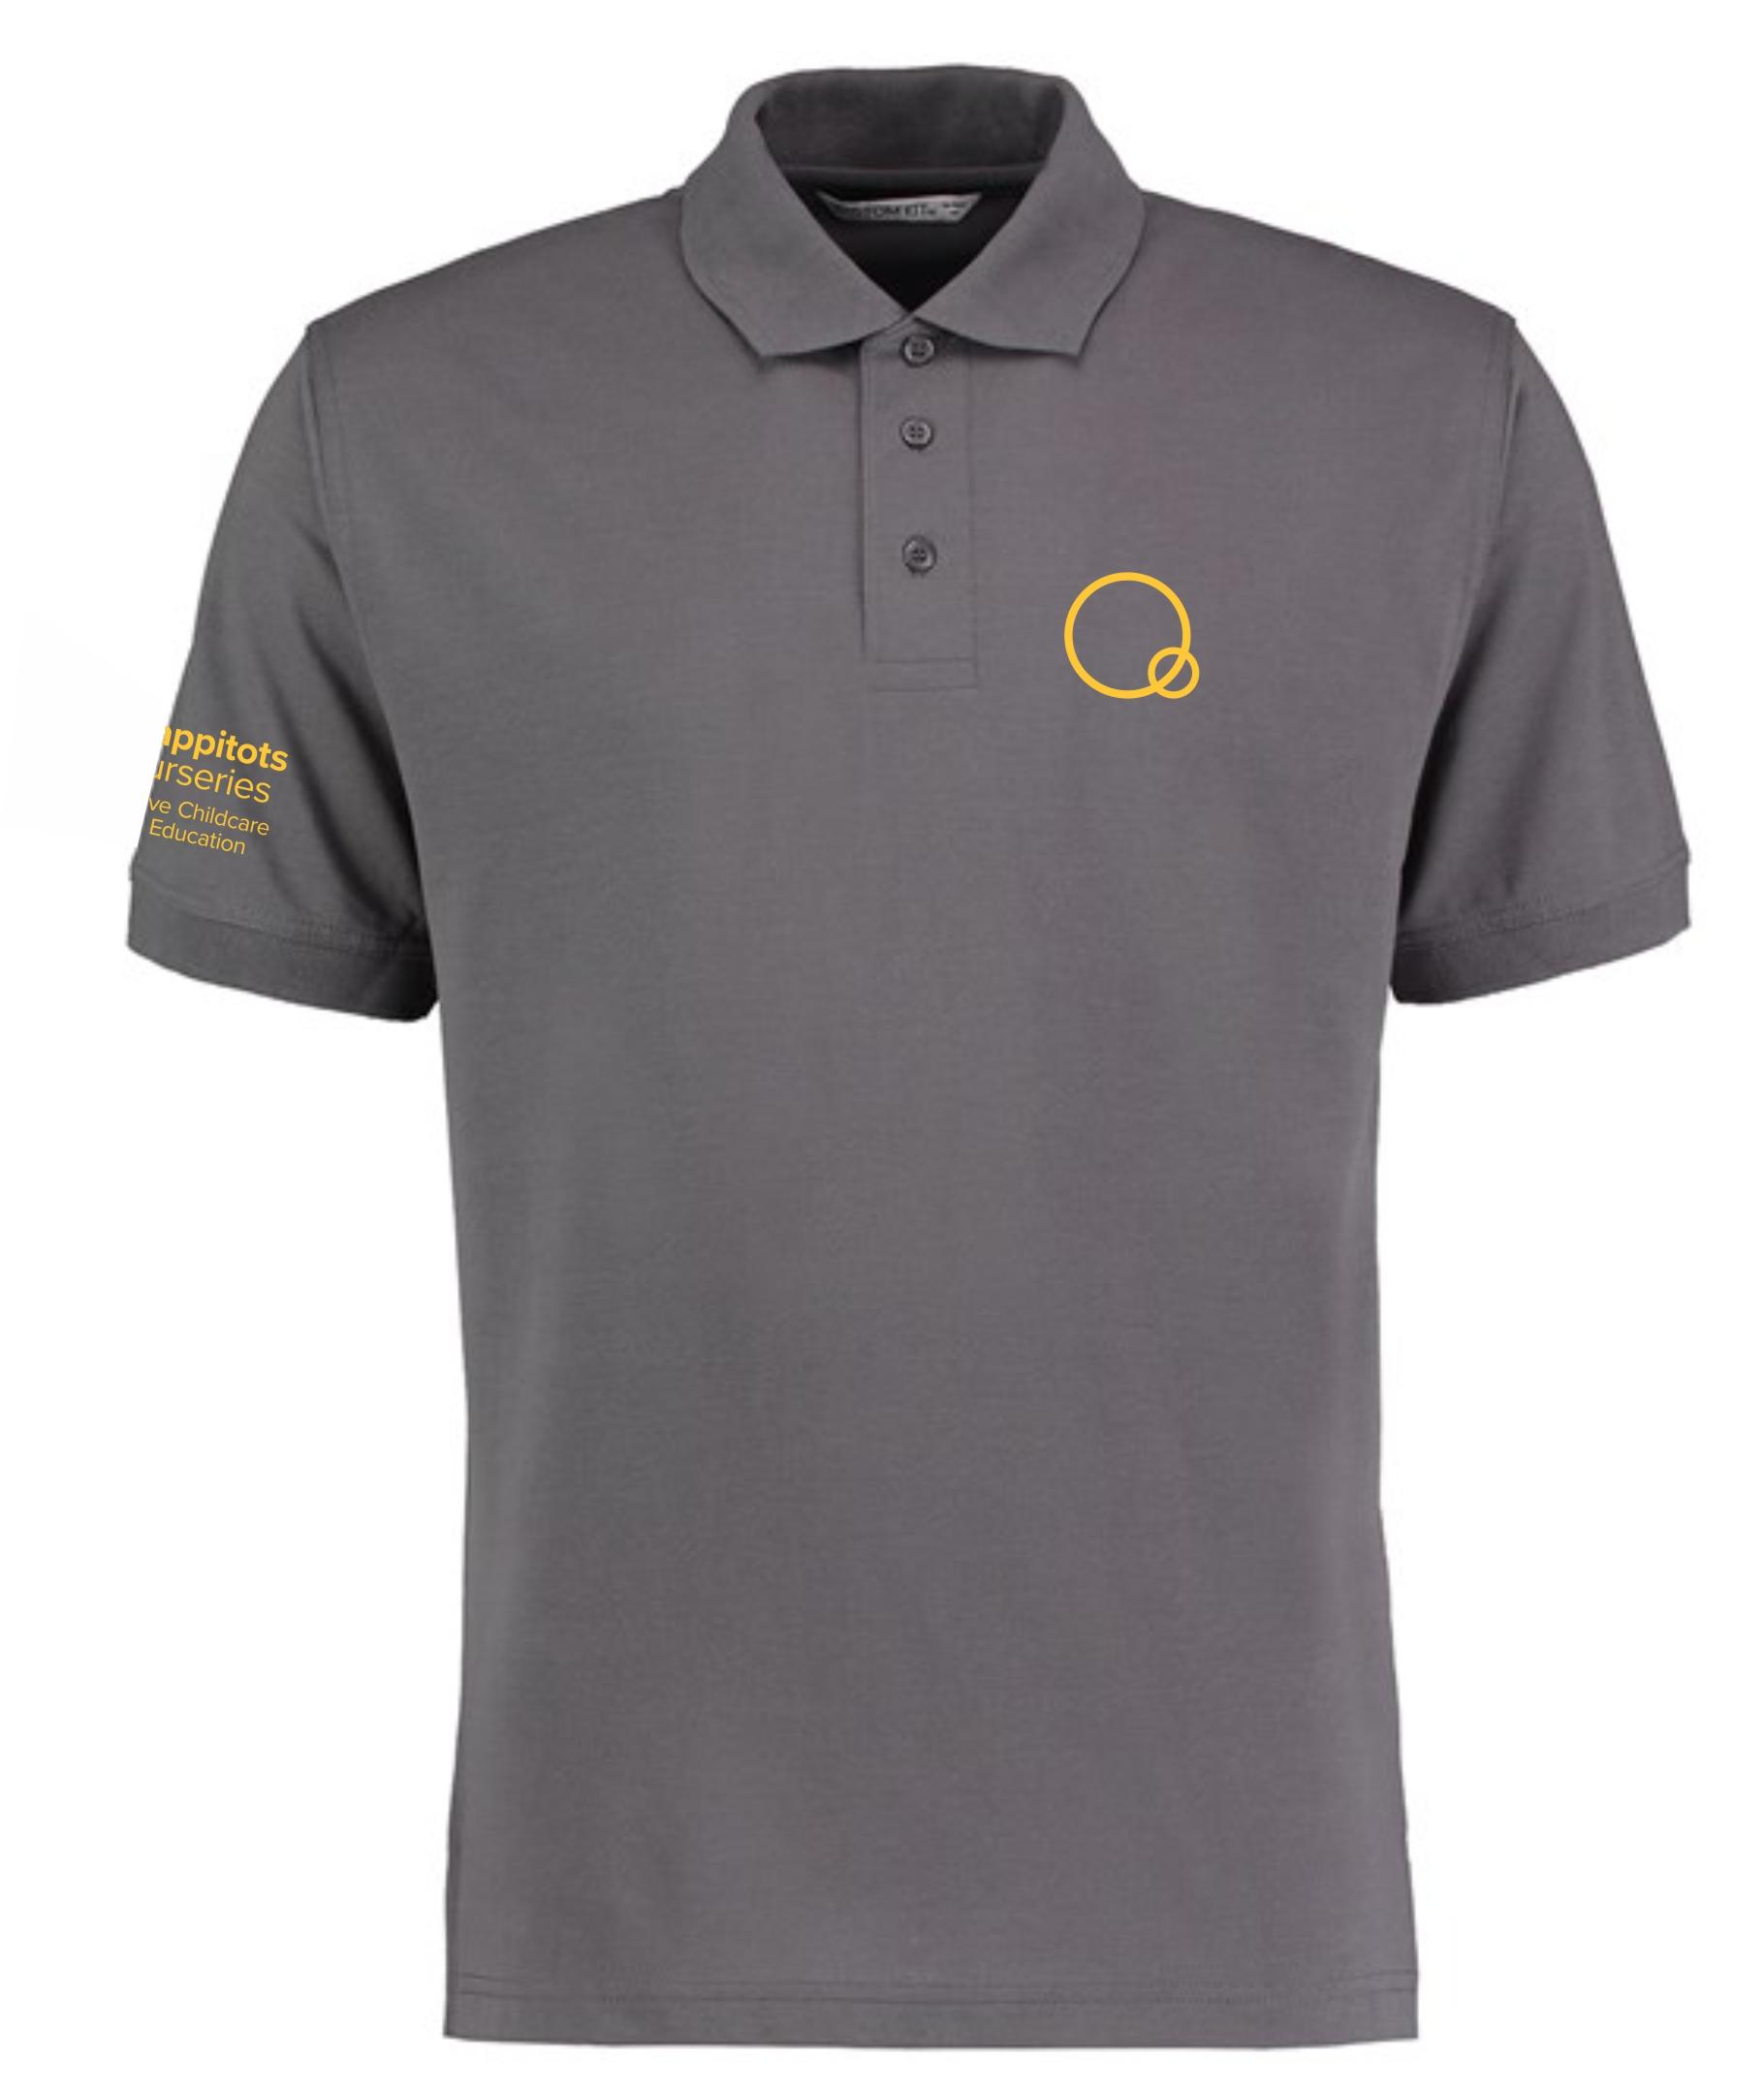 Happitots Staff Uniform